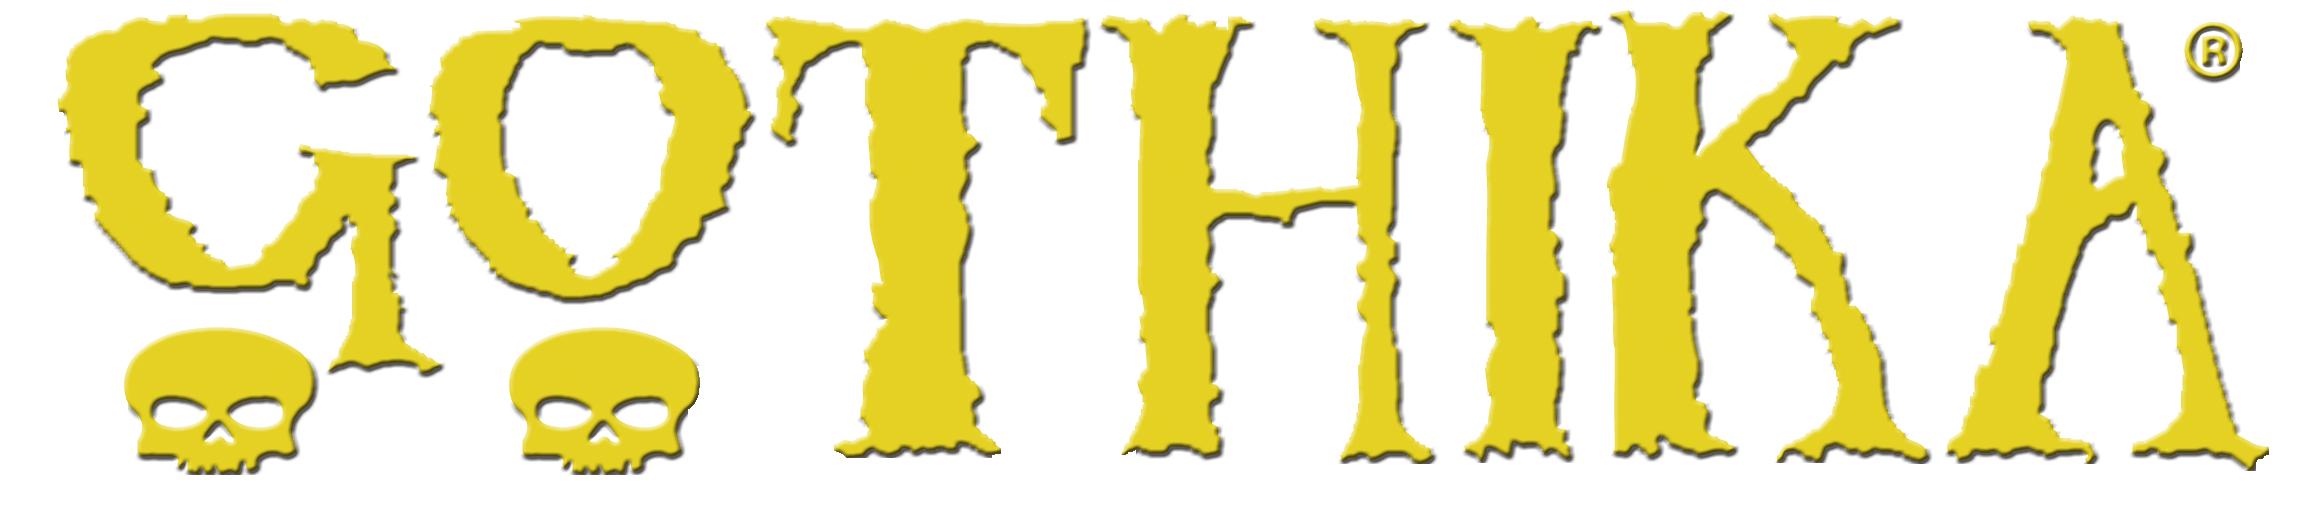 gothika-logo-yellow2.png